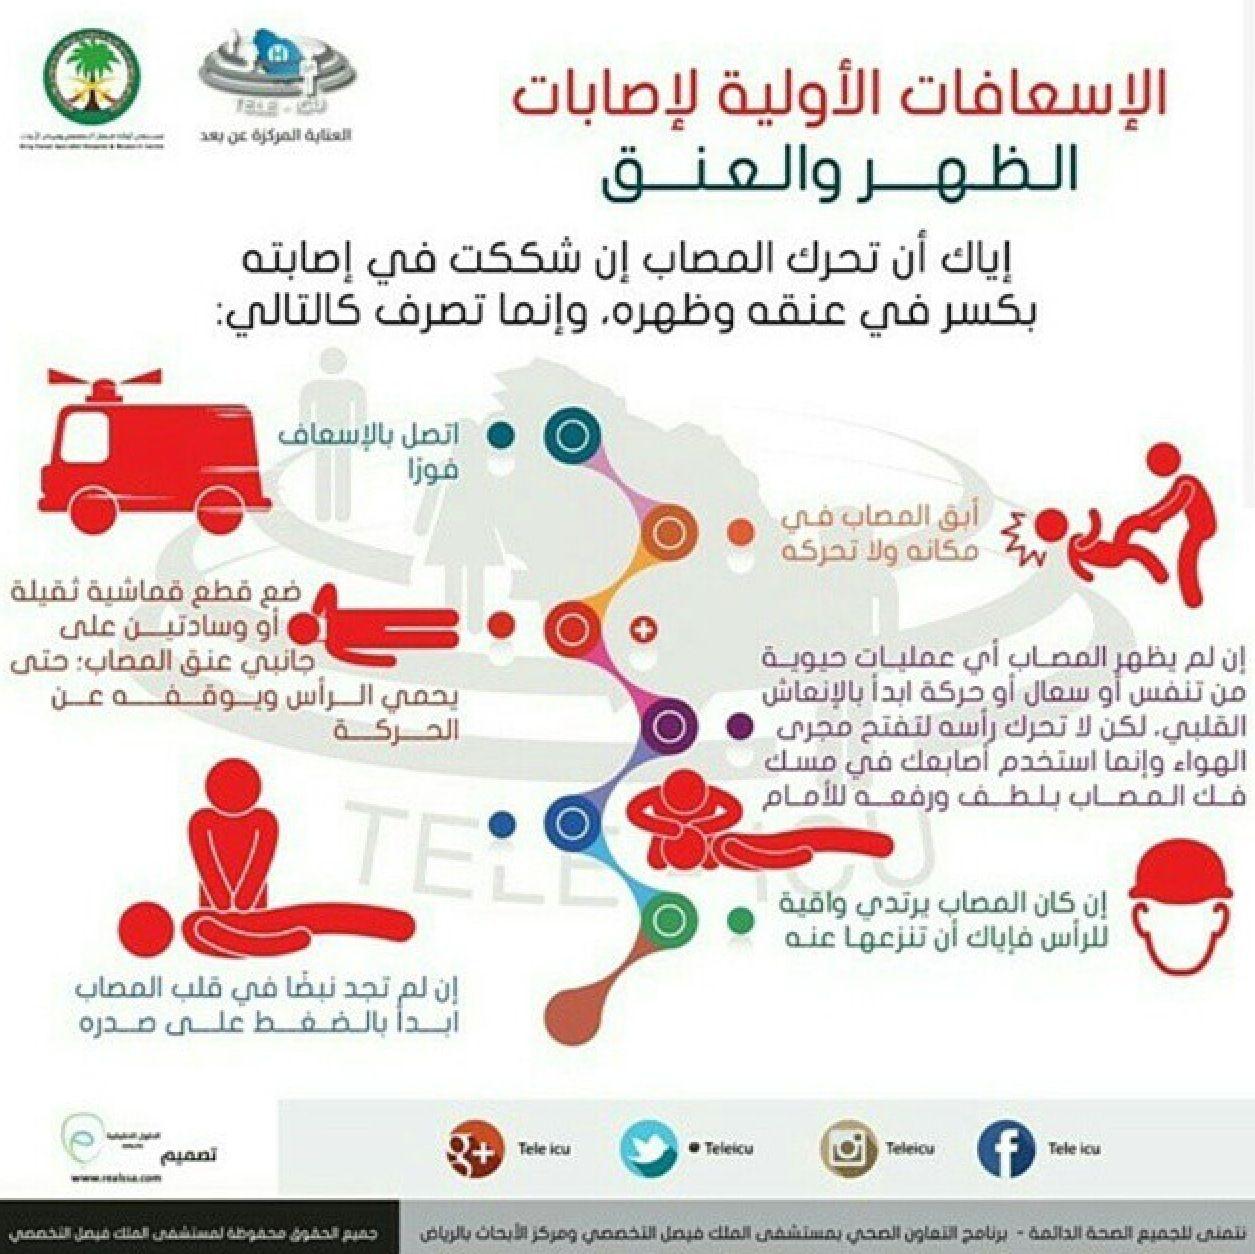 الإسعافات الأولية لإصابات الظهر والعنق Health Education Health Instagram